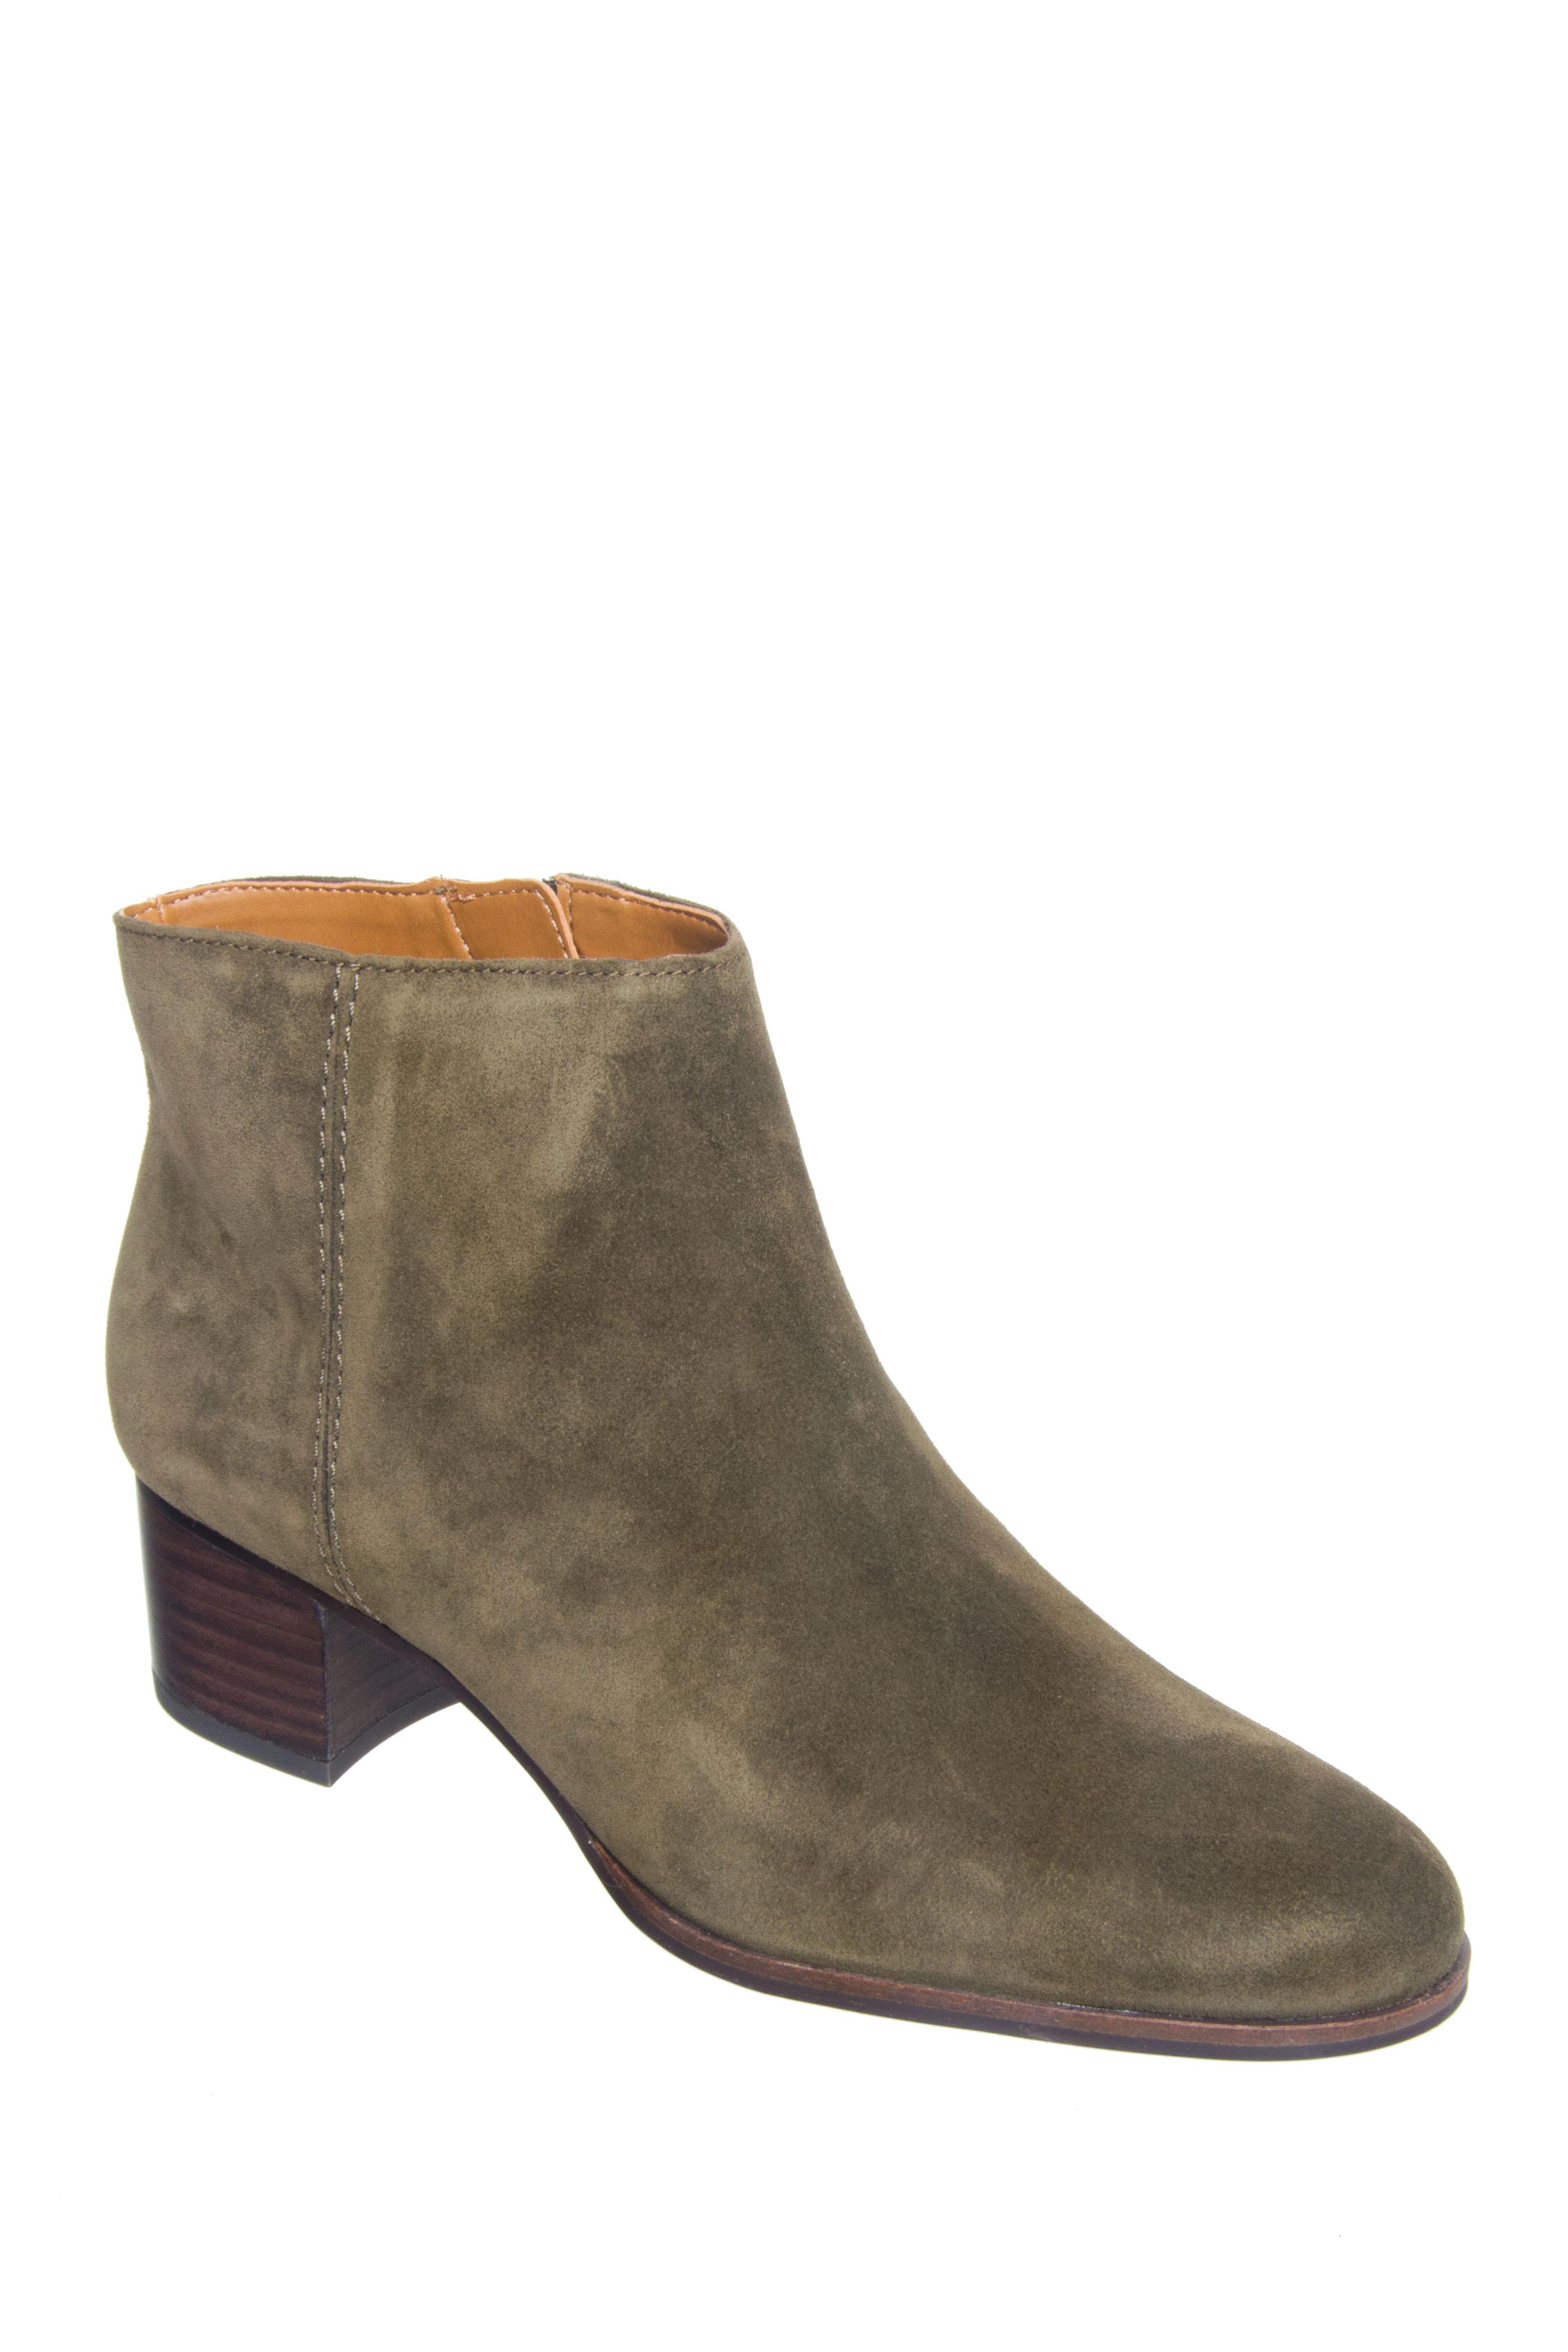 Franco Sarto Catina Mid Heel Booties - Olive